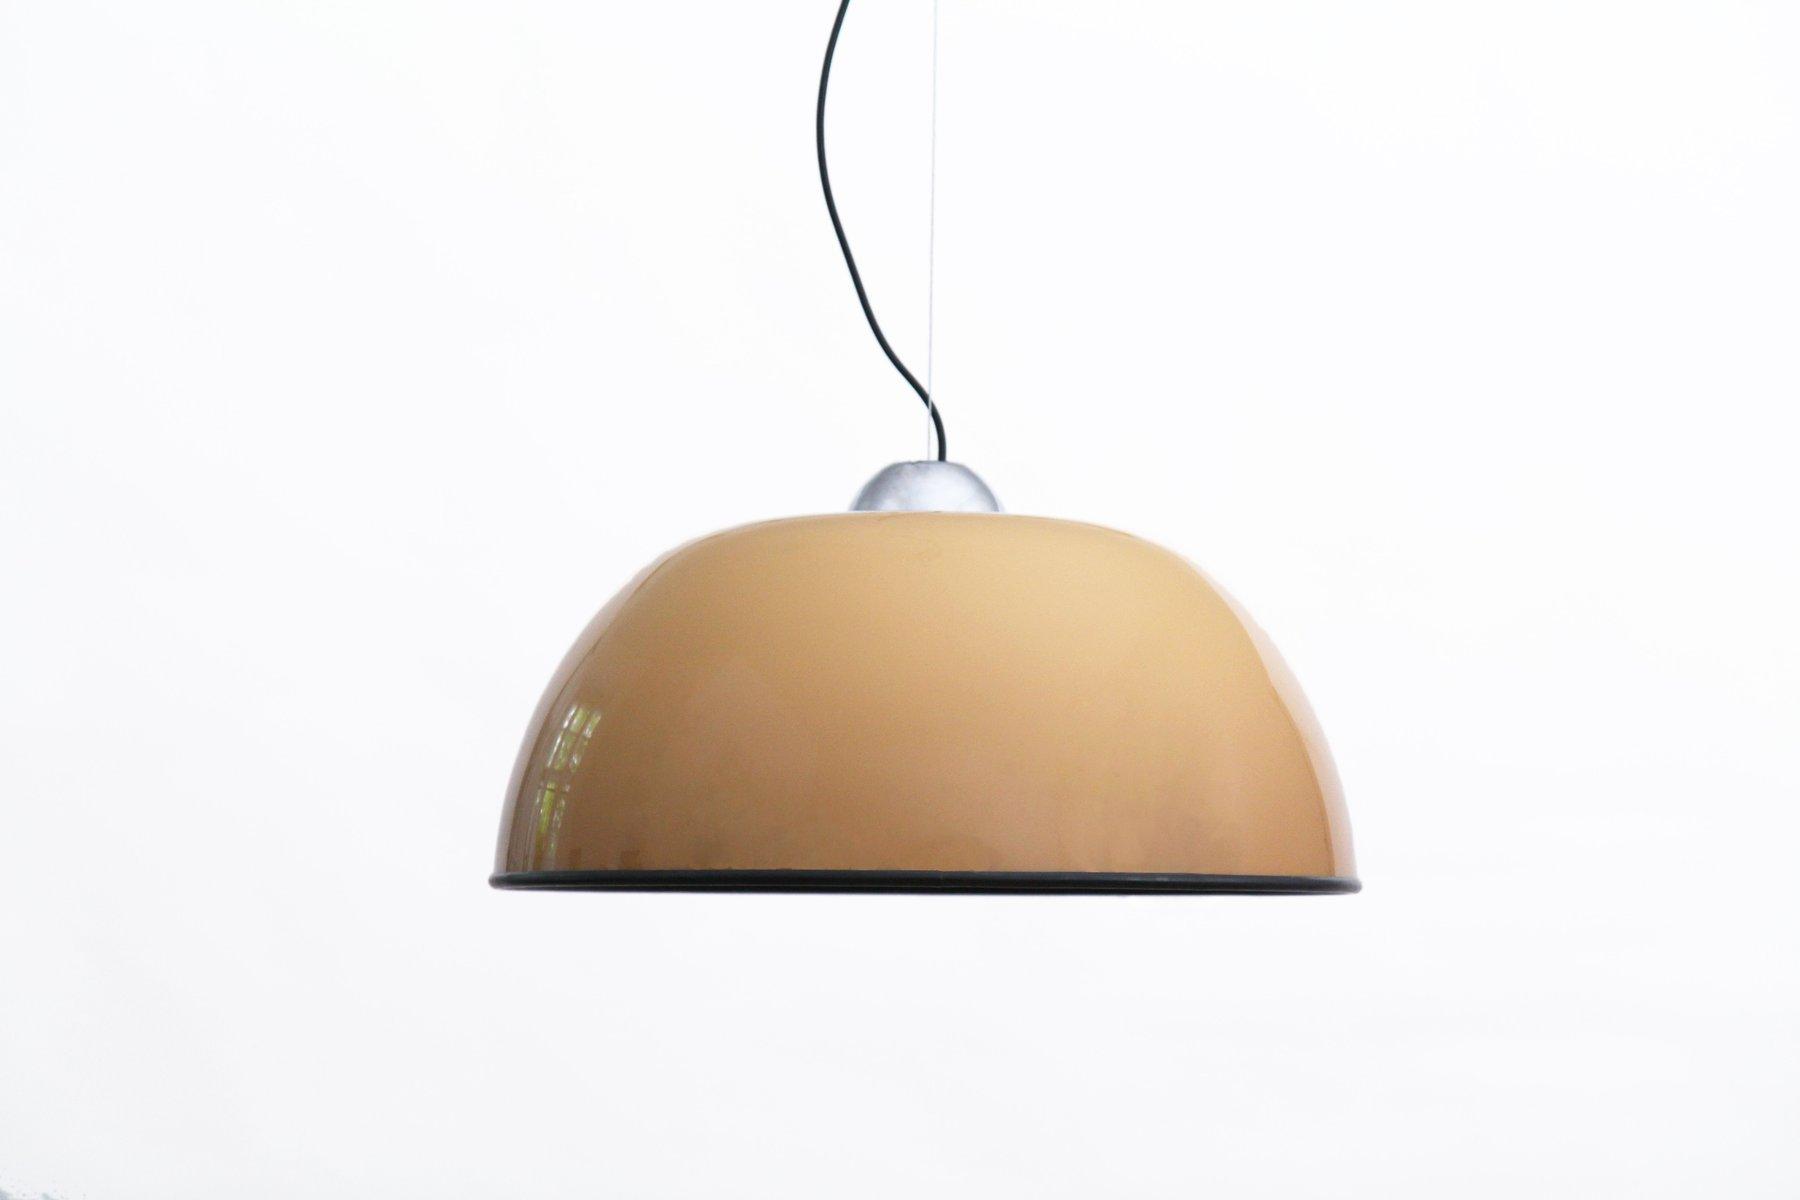 Guzzini illuminazione lavora con noi lampione stradale a led in